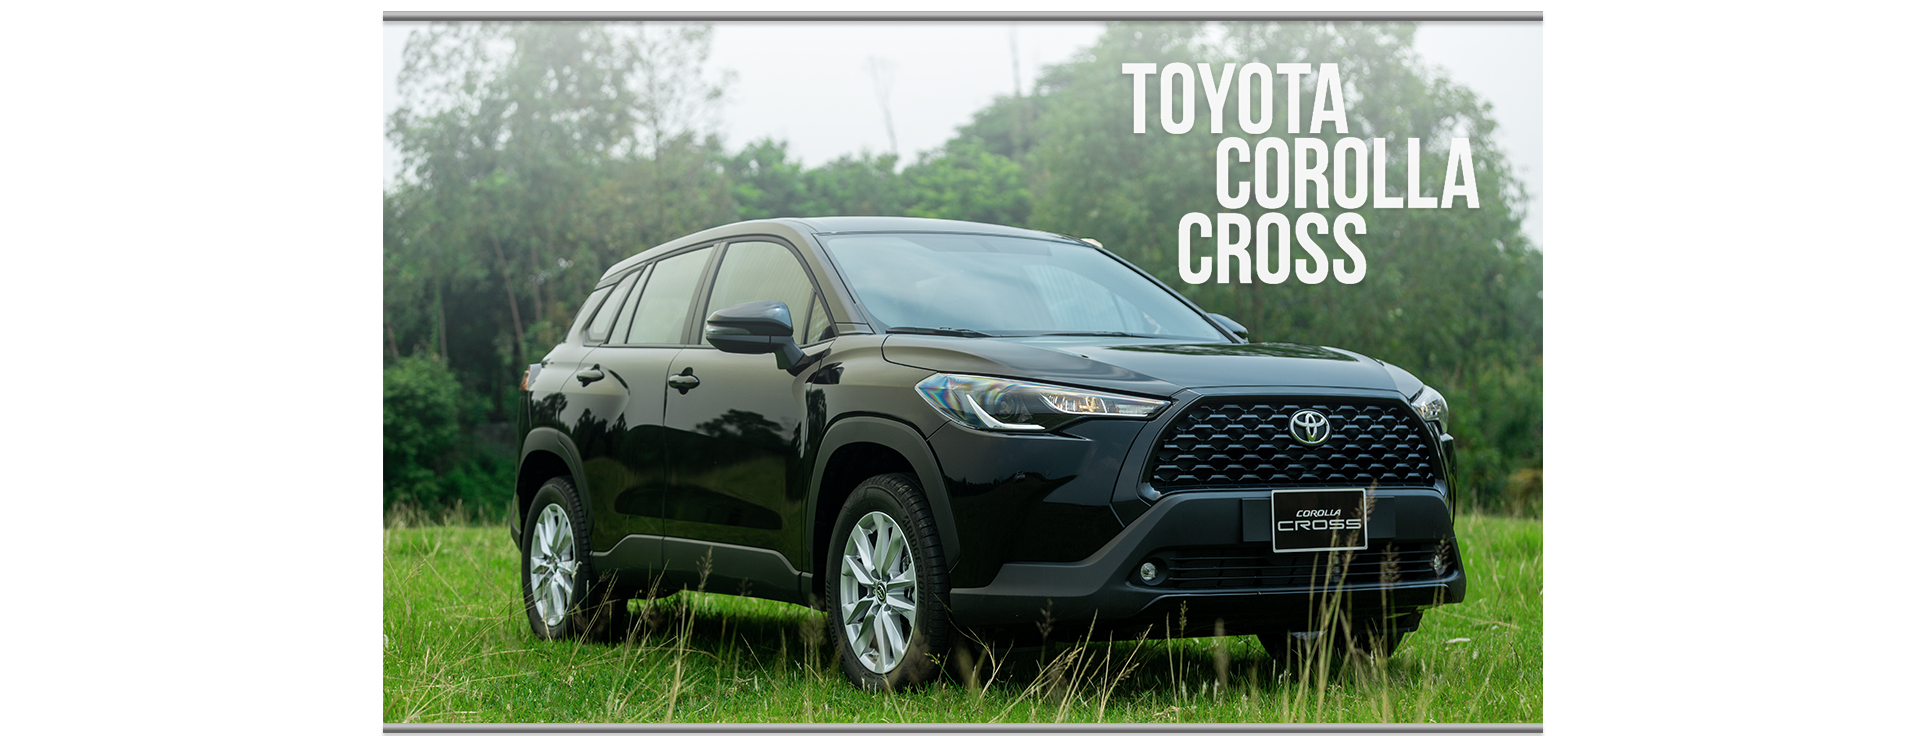 Anh1 8713 1599817011 Toyota Corolla Cross bản tiêu chuẩn có gì trong tầm giá 720 triệu